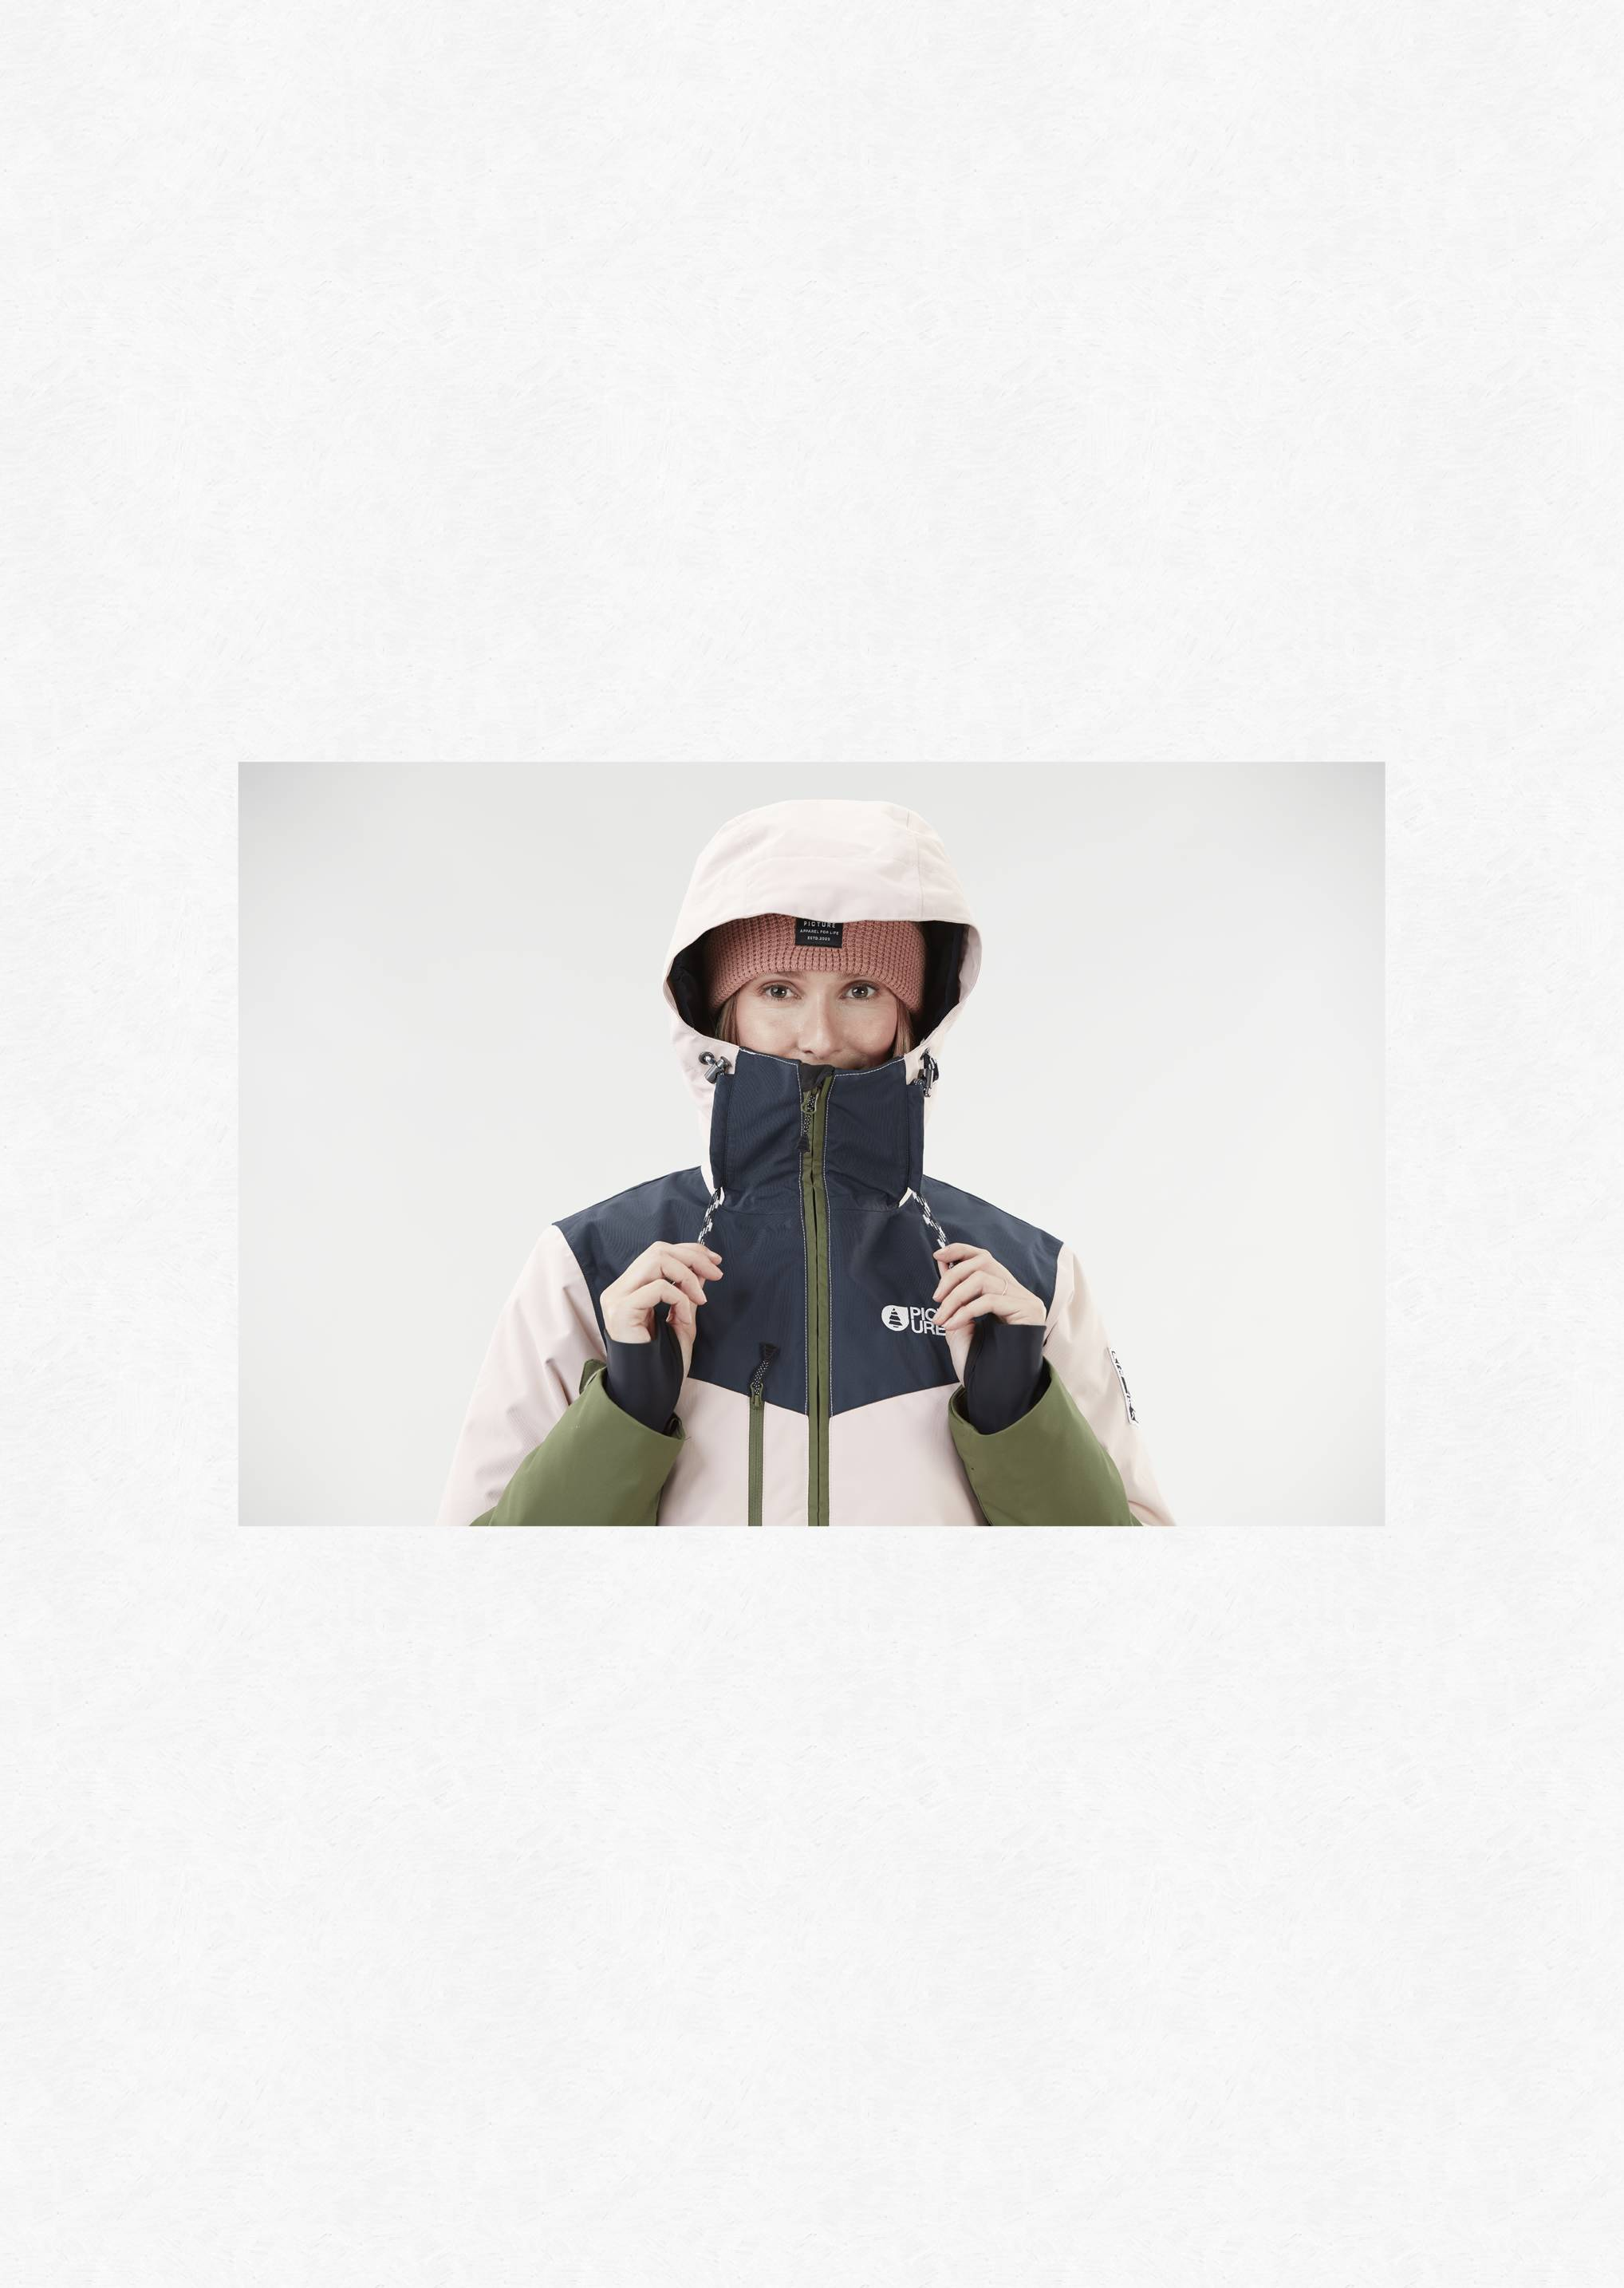 Picture W Pictu Weekd Jacket 2021